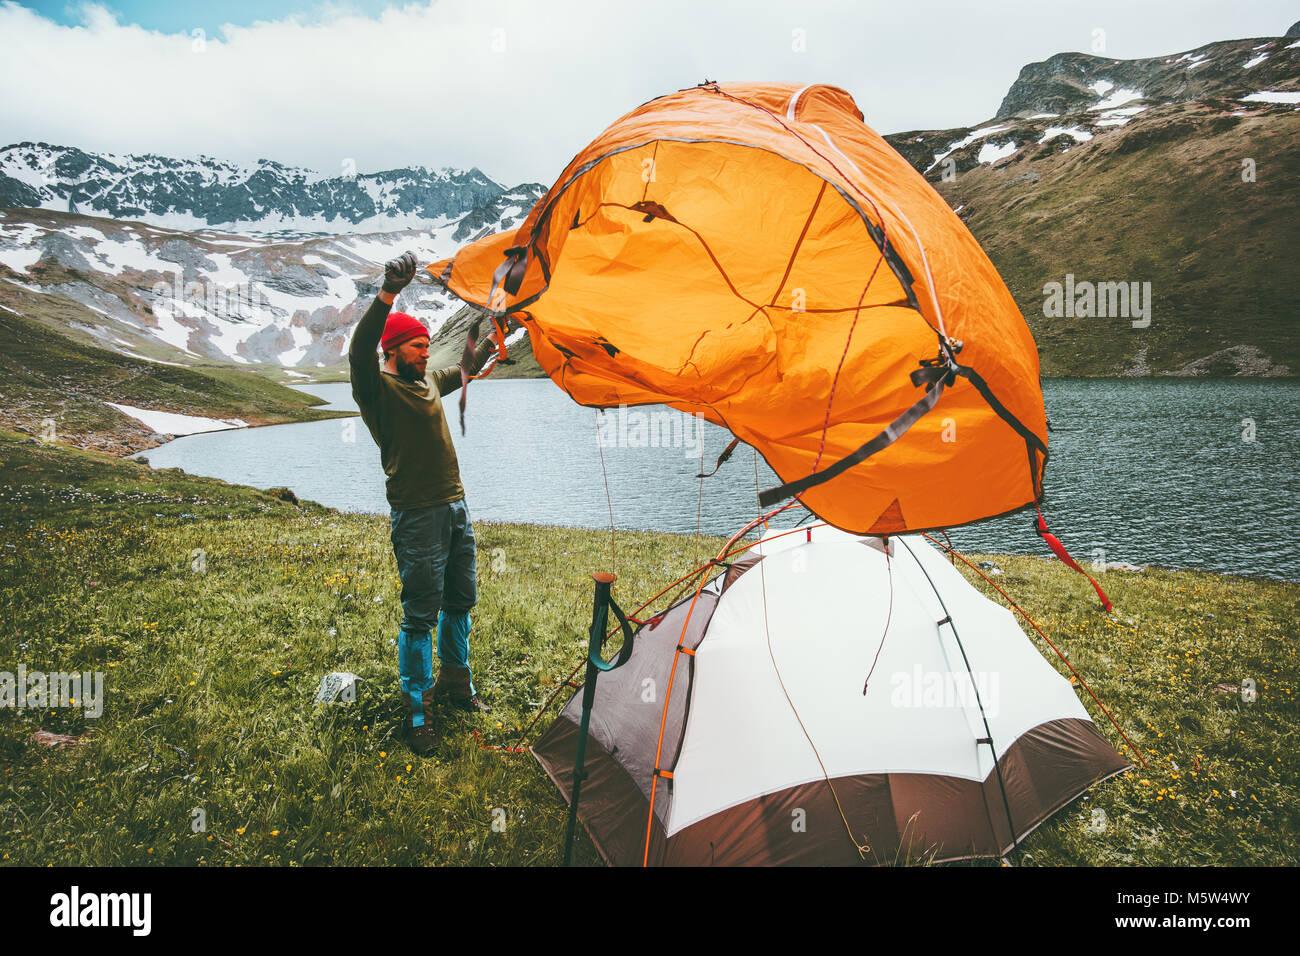 L'uomo Traveler pitch tenda attrezzatura da campeggio outdoor Travel adventure lifestyle concetto paesaggio Immagini Stock